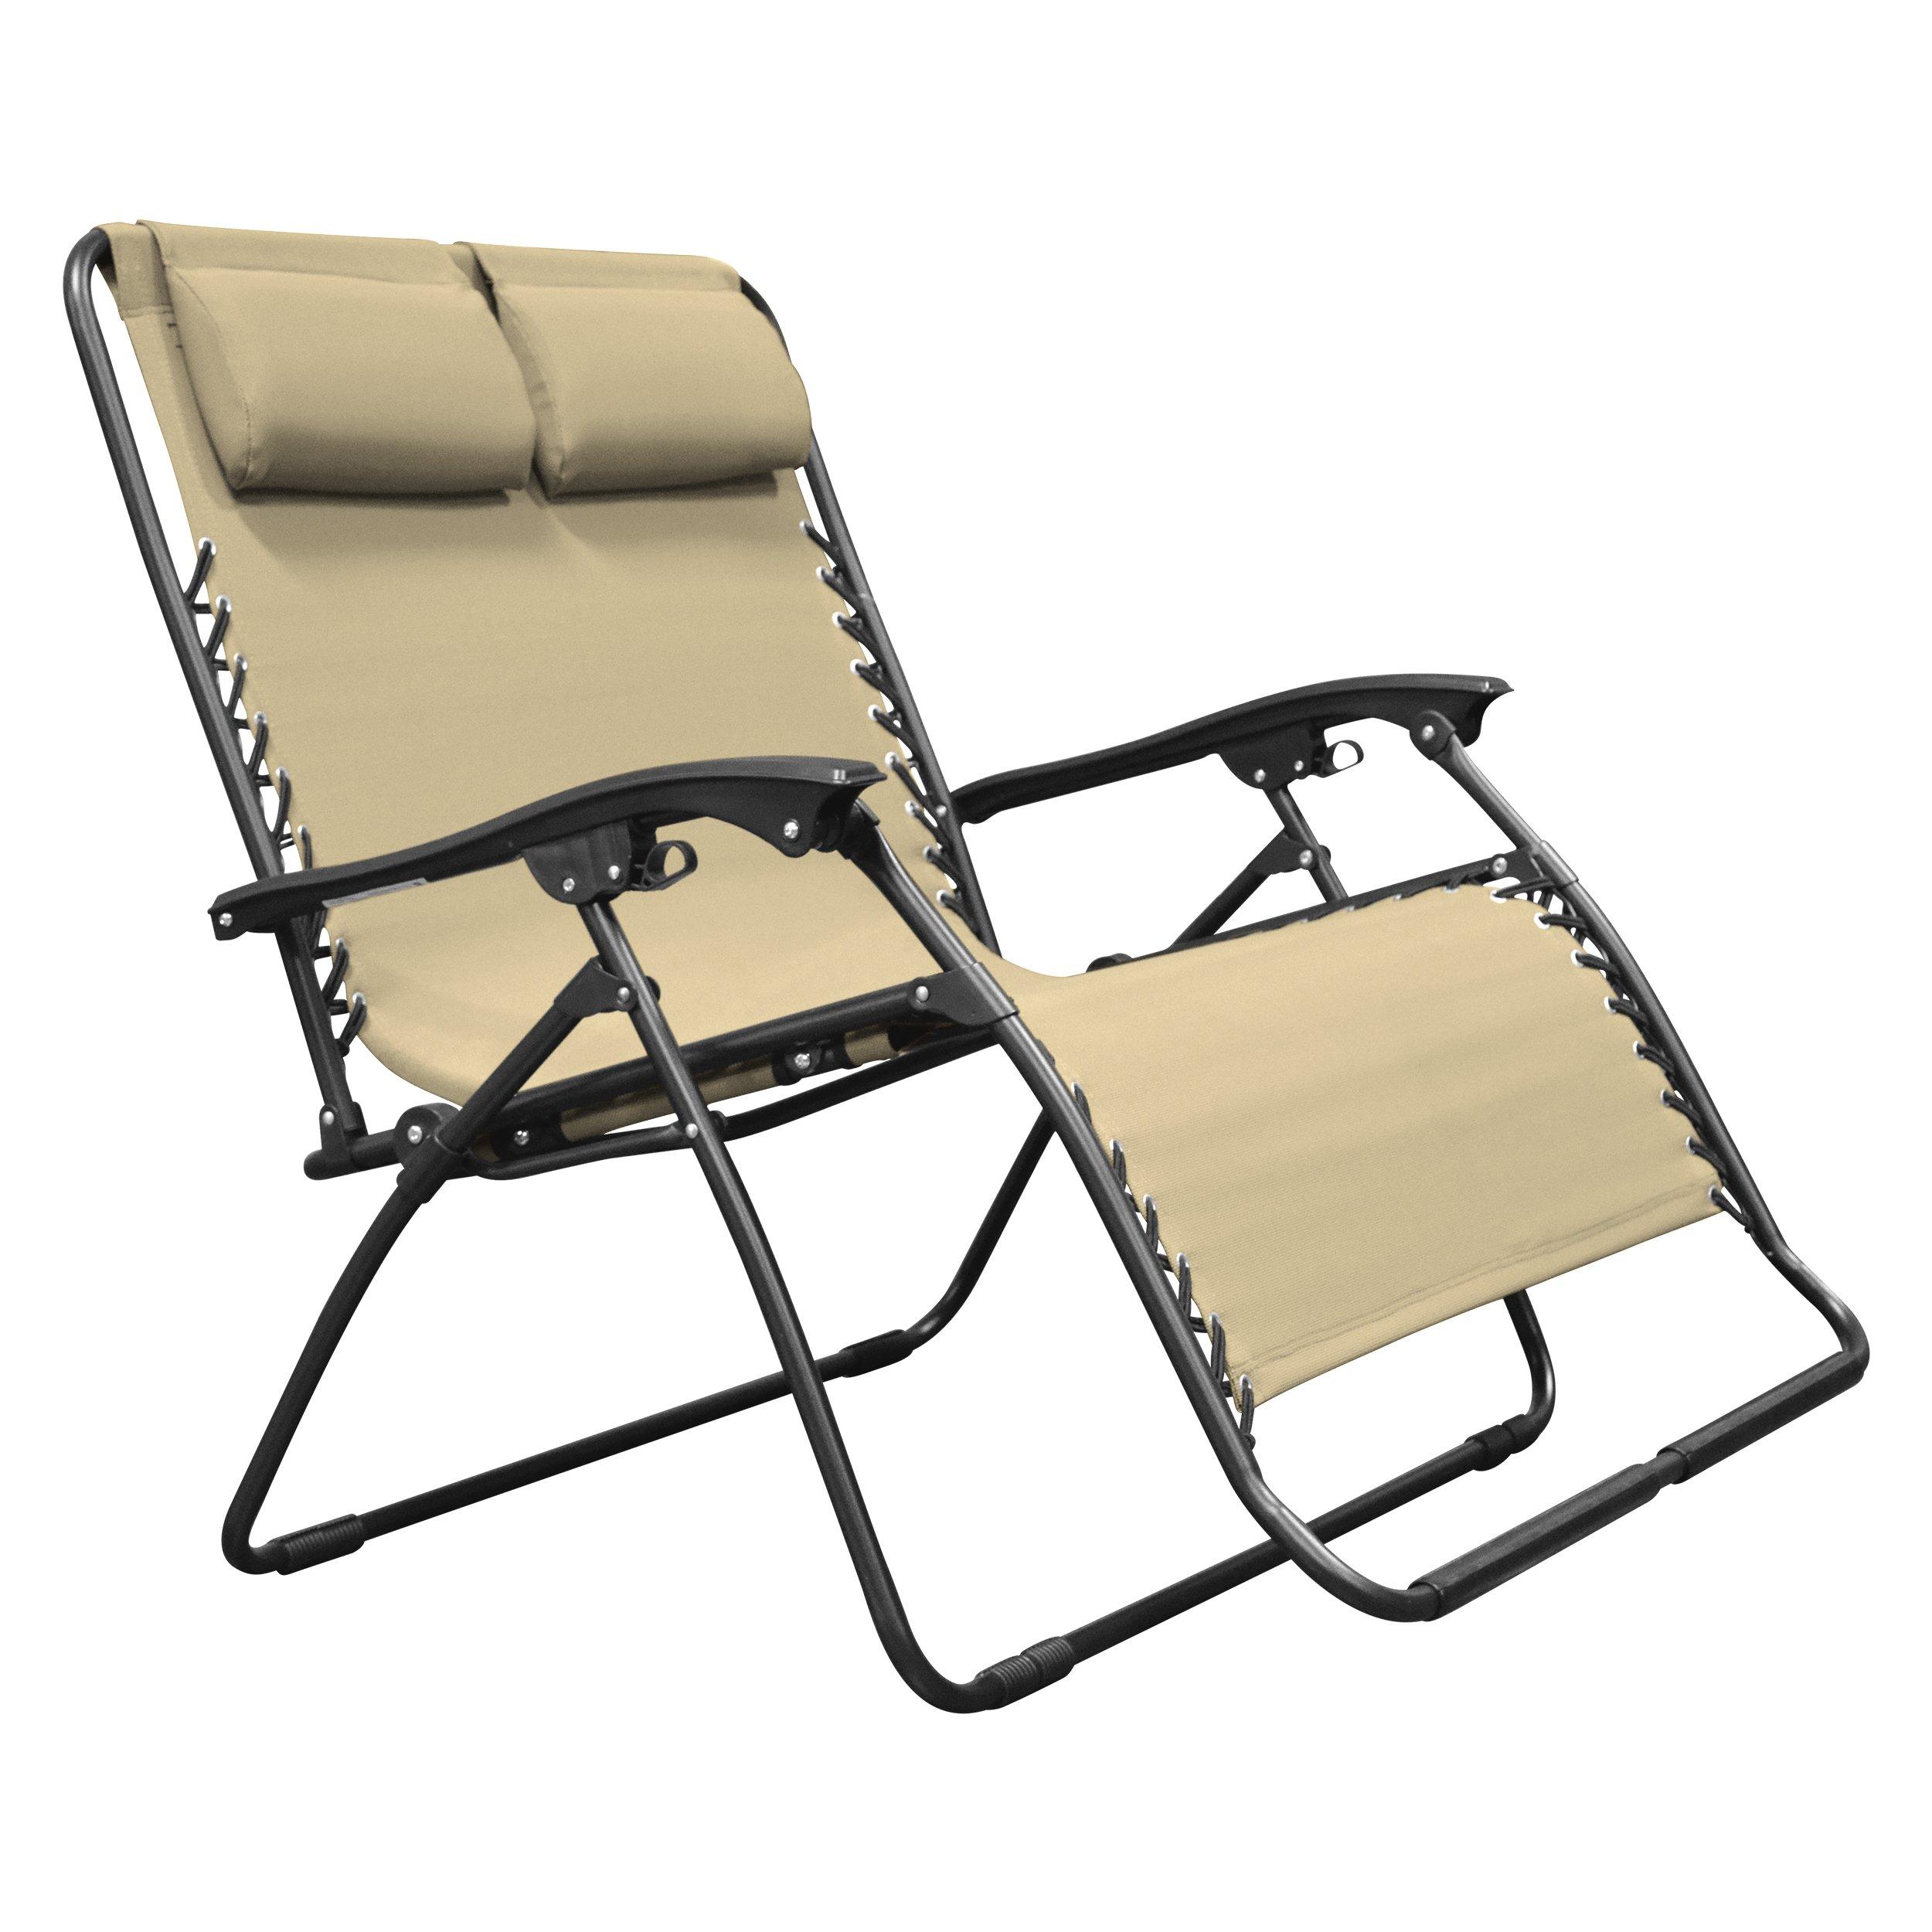 Caravan Sports ZGL01151 Zero Gravity Chair, Beige Loveseat by Caravan Sports